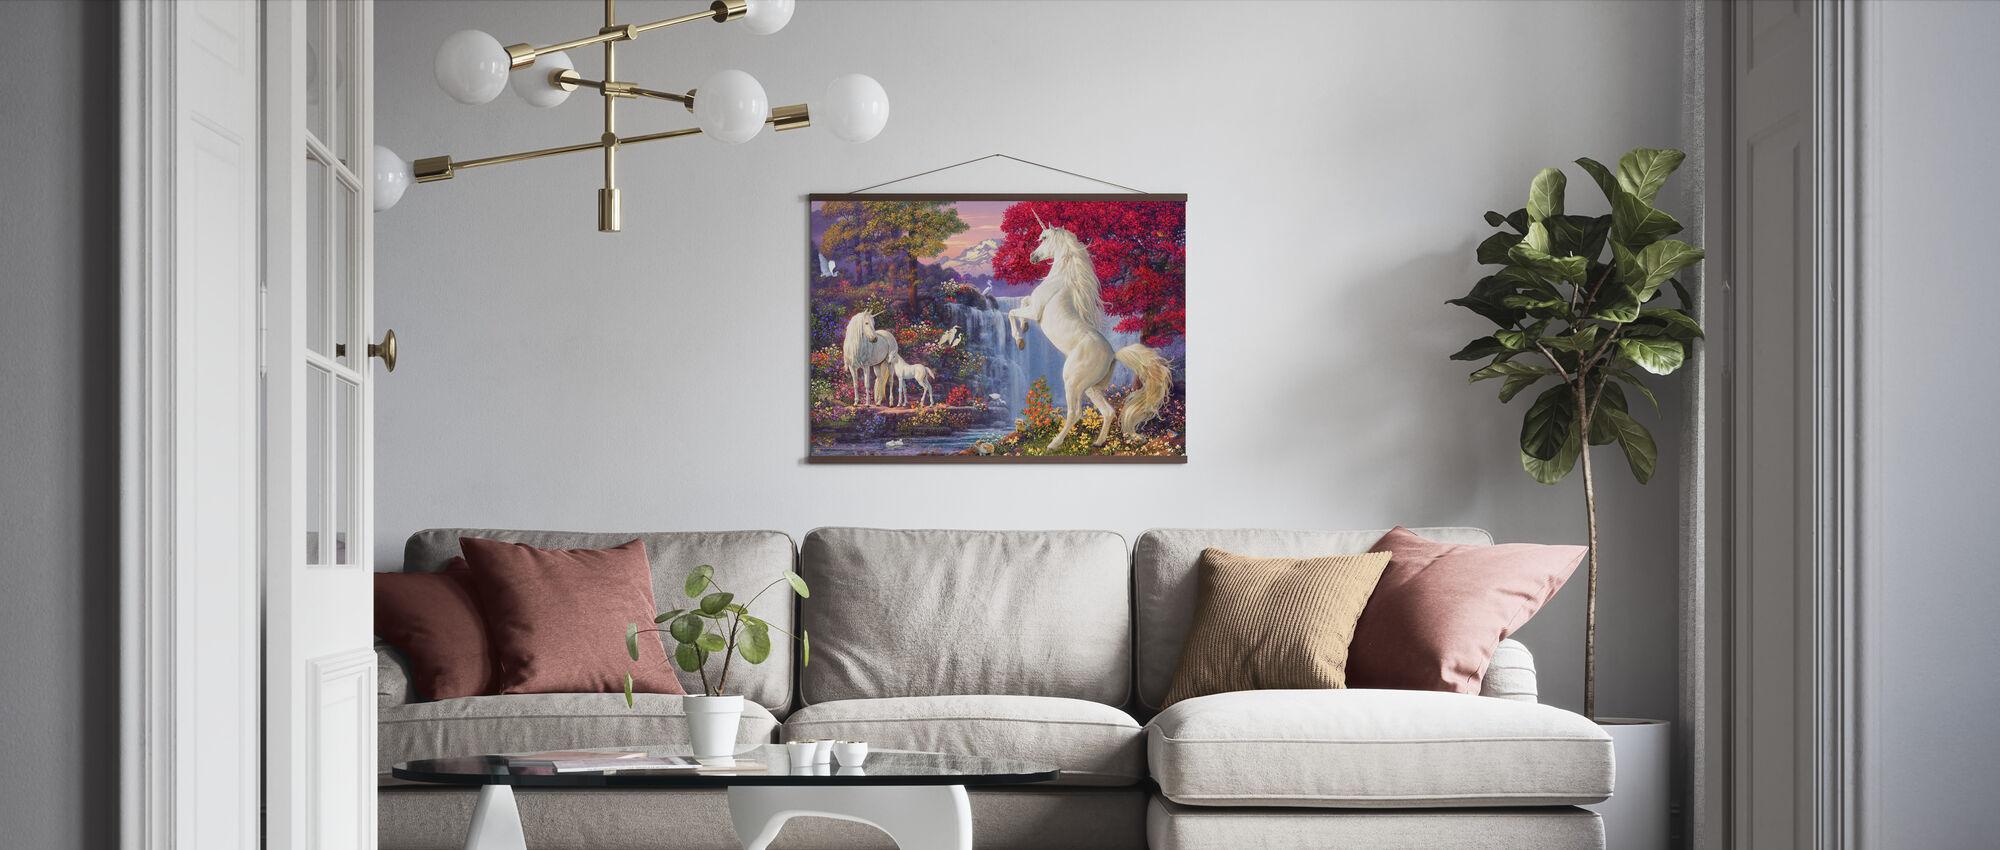 Enhörningen faller - Poster - Vardagsrum